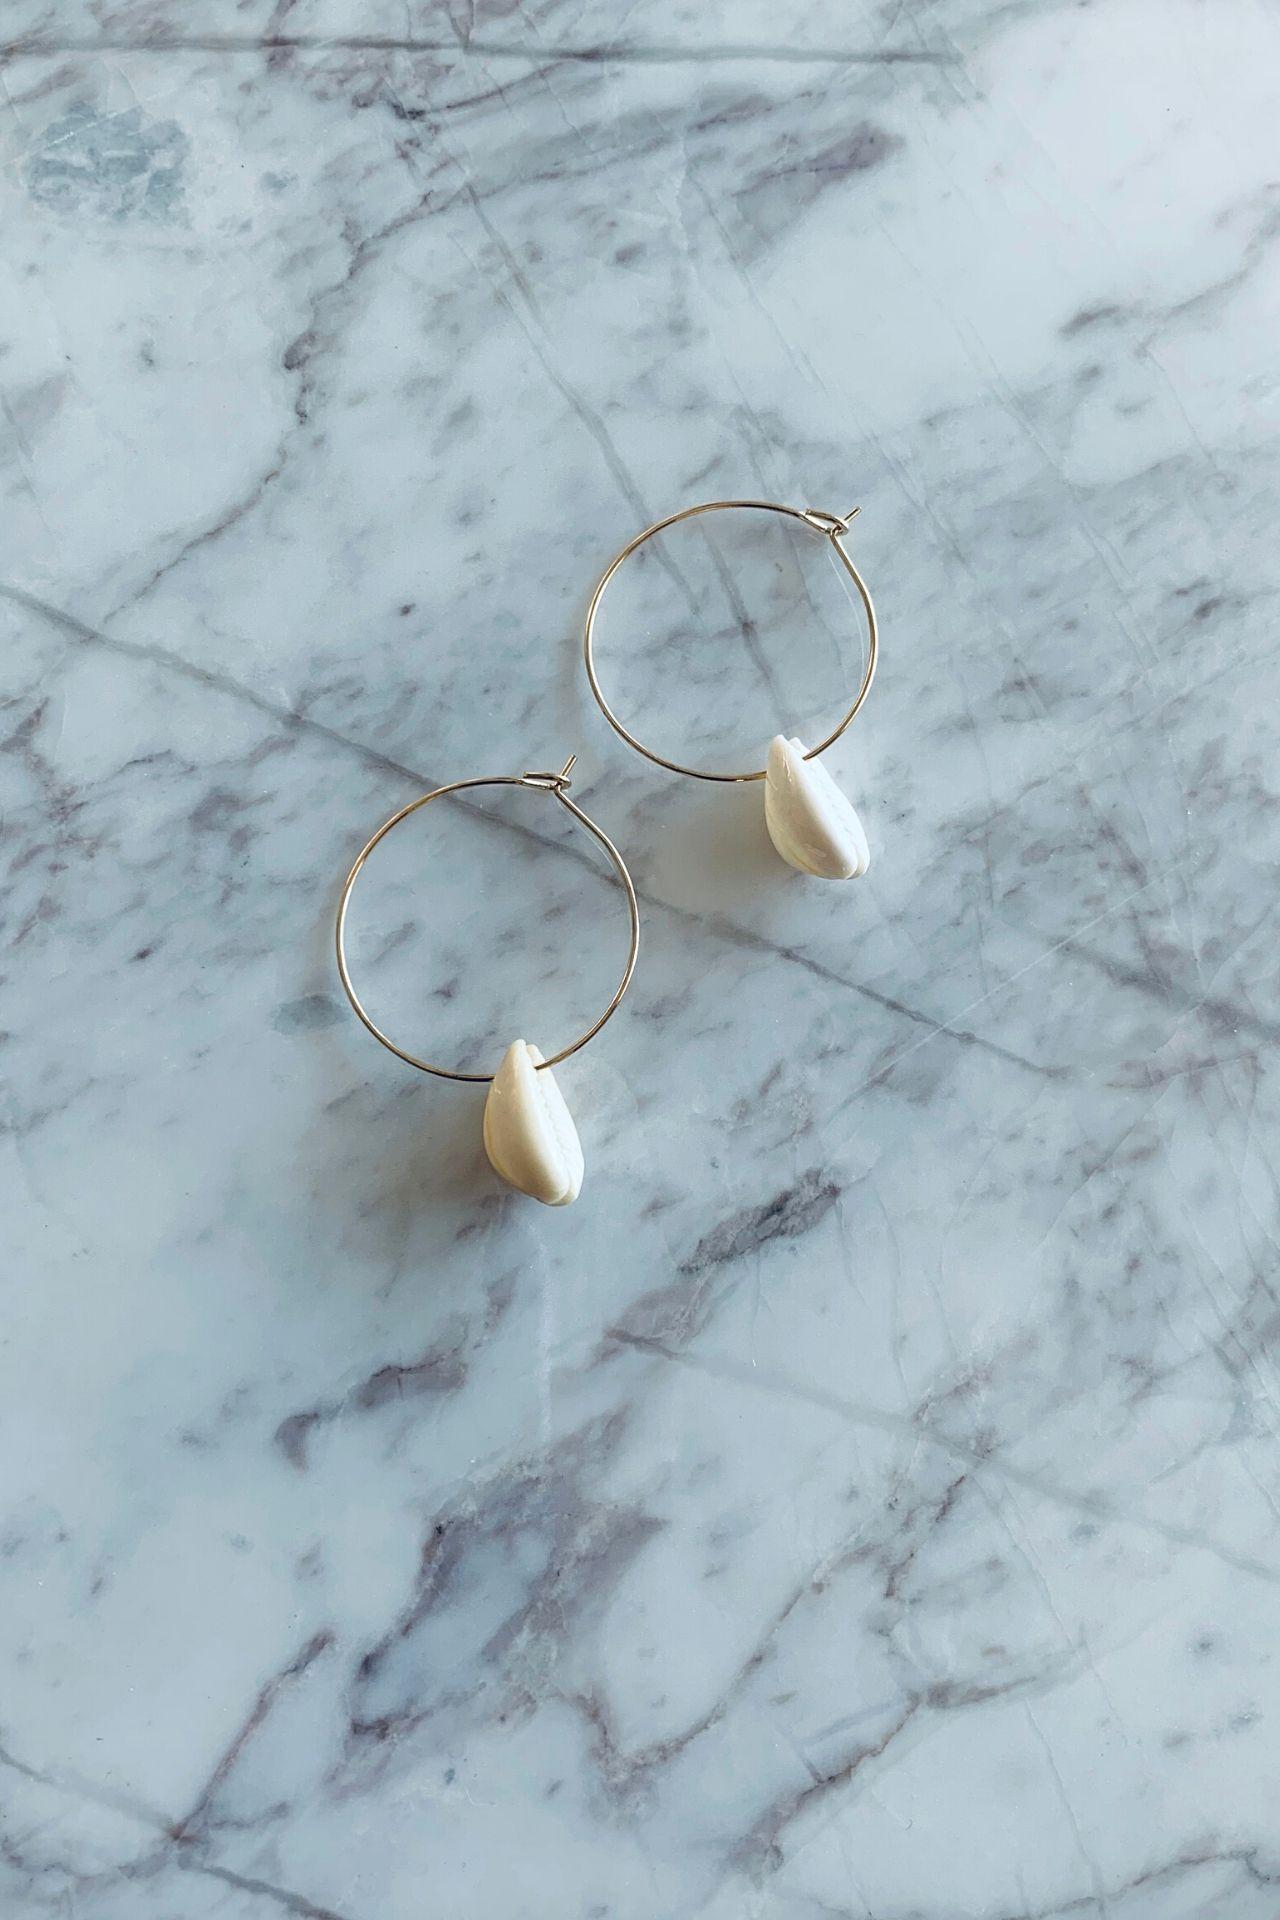 Argollas pequeñas muy ligeras.  Largo: 7 cms incluyendo la conchita.  Son aretes de fantasía por lo que si eres alérgica a materiales que no sean oro ni plata no los recomendamos.